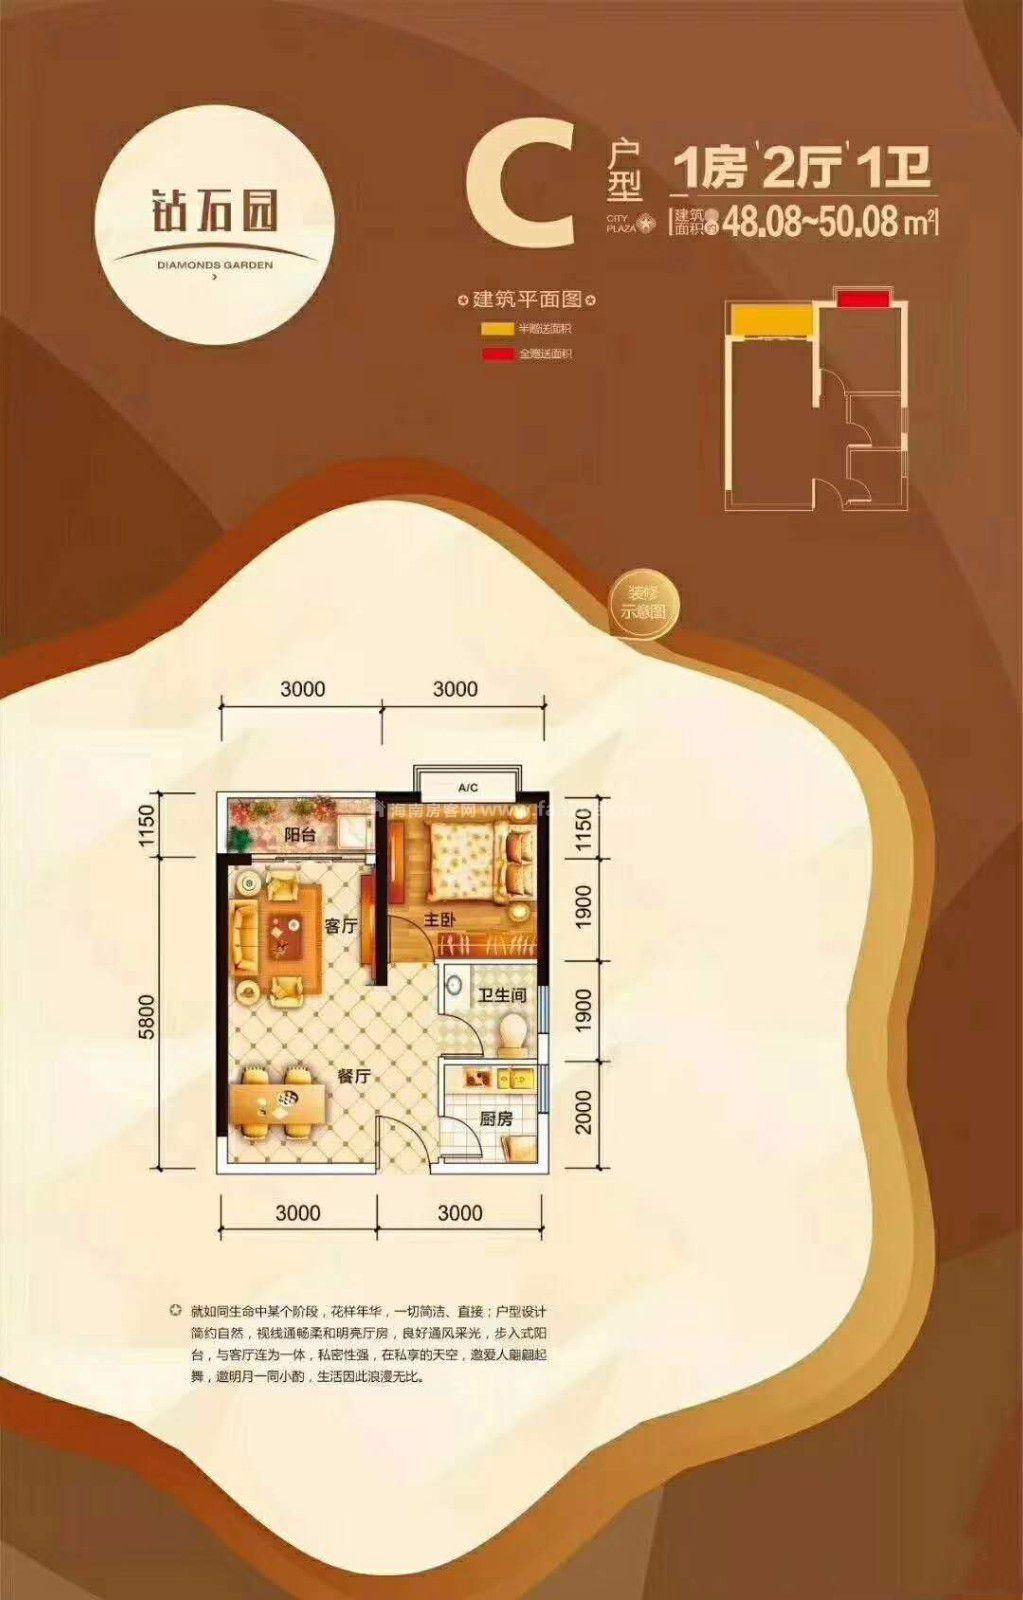 1室2厅1卫1厨 建筑面积48.08㎡